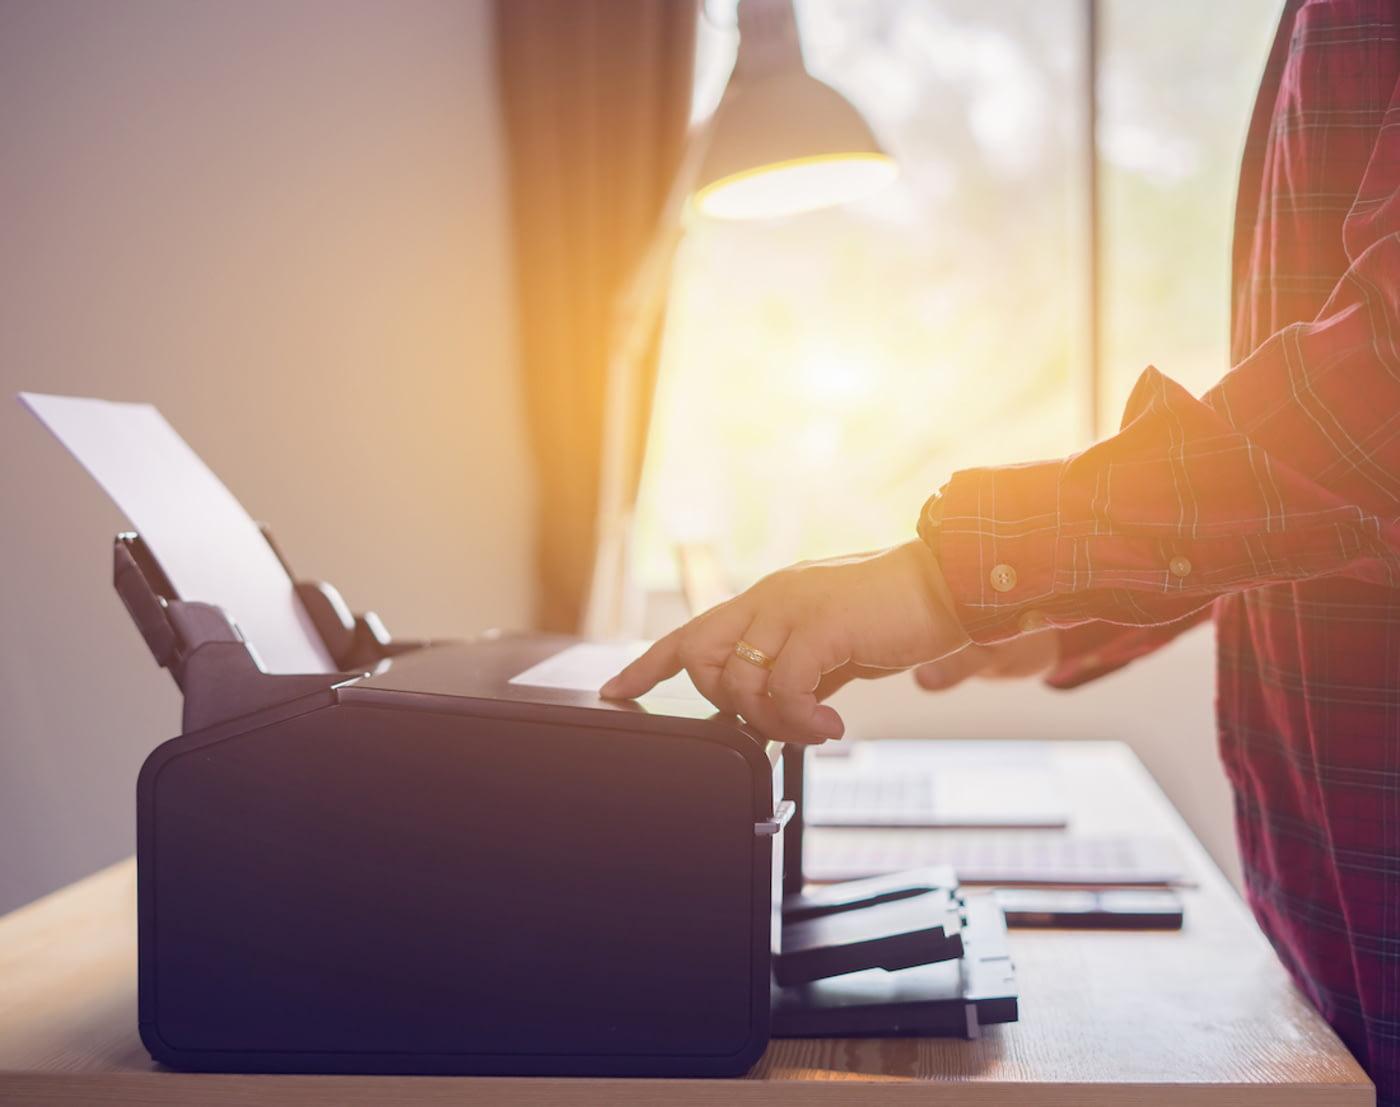 Ein Mann bedient einen Drucker, um eine Vorlage zur Kündigung seiner Versicherung auszudrucken